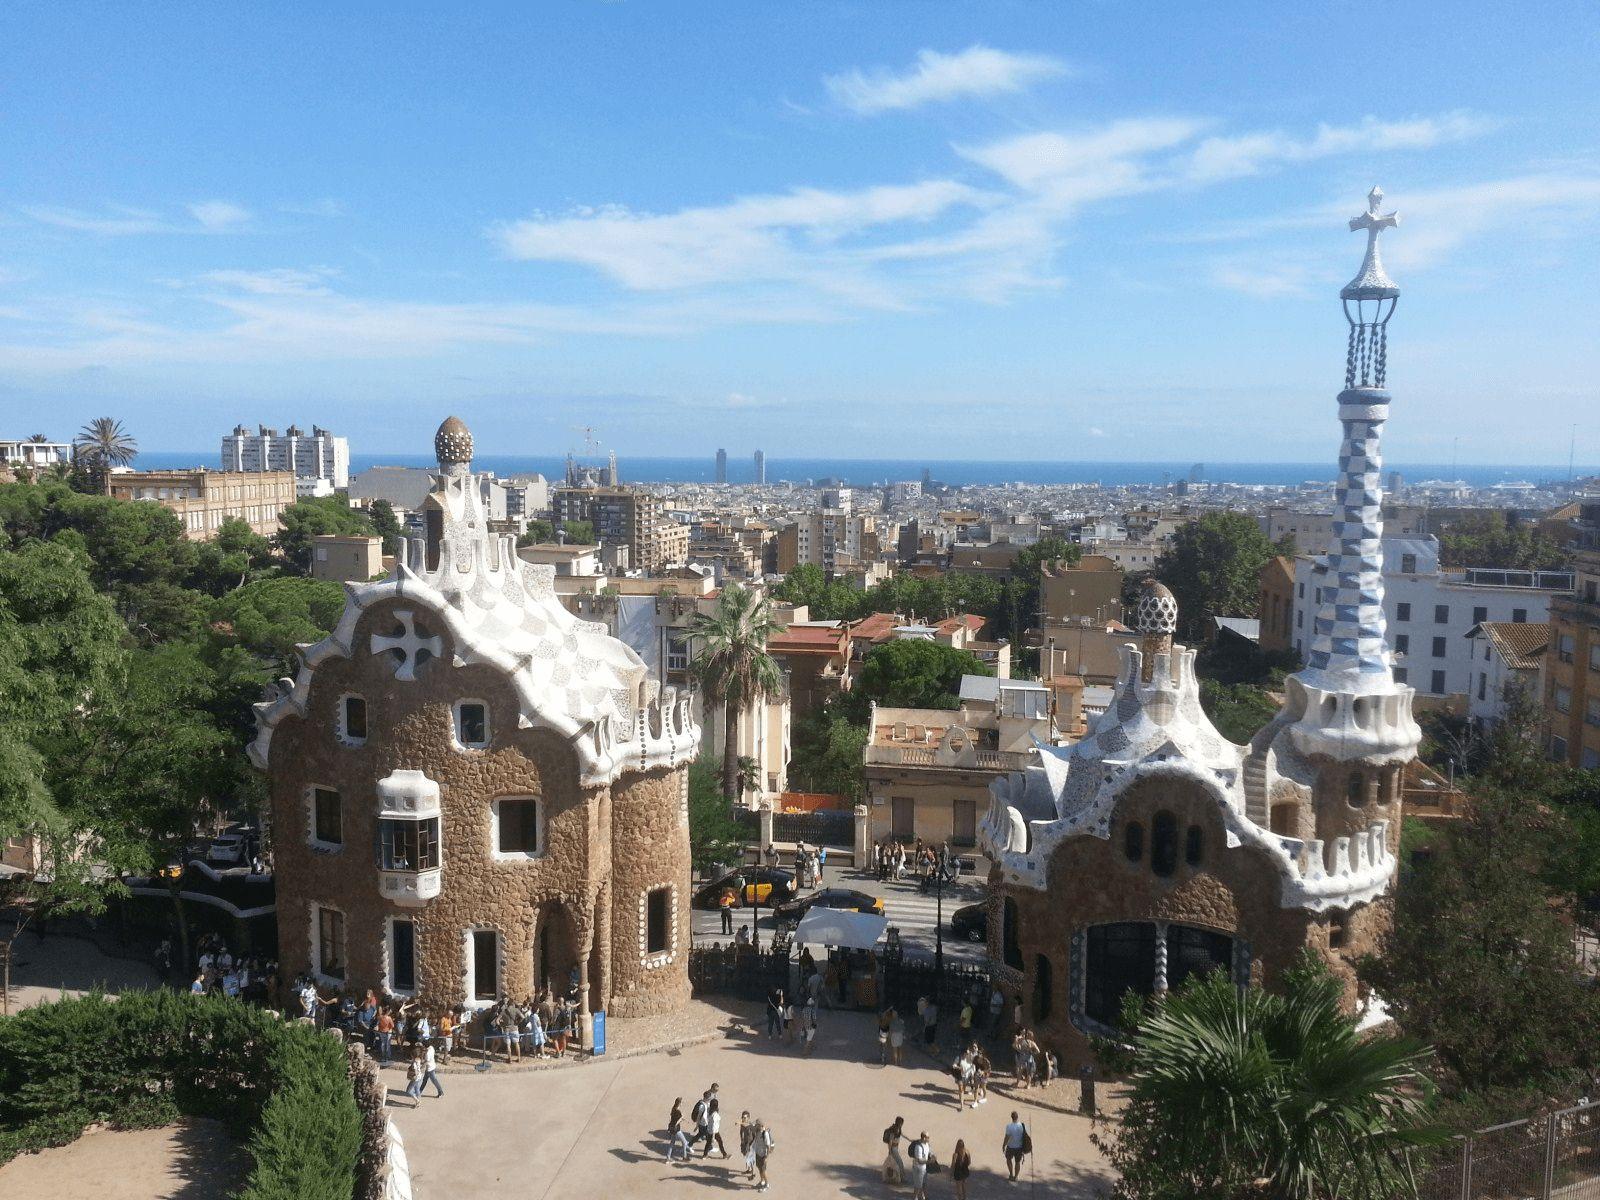 BARCELONA SPANNABIS KRSTARENJE: Barcelona: Park Guell